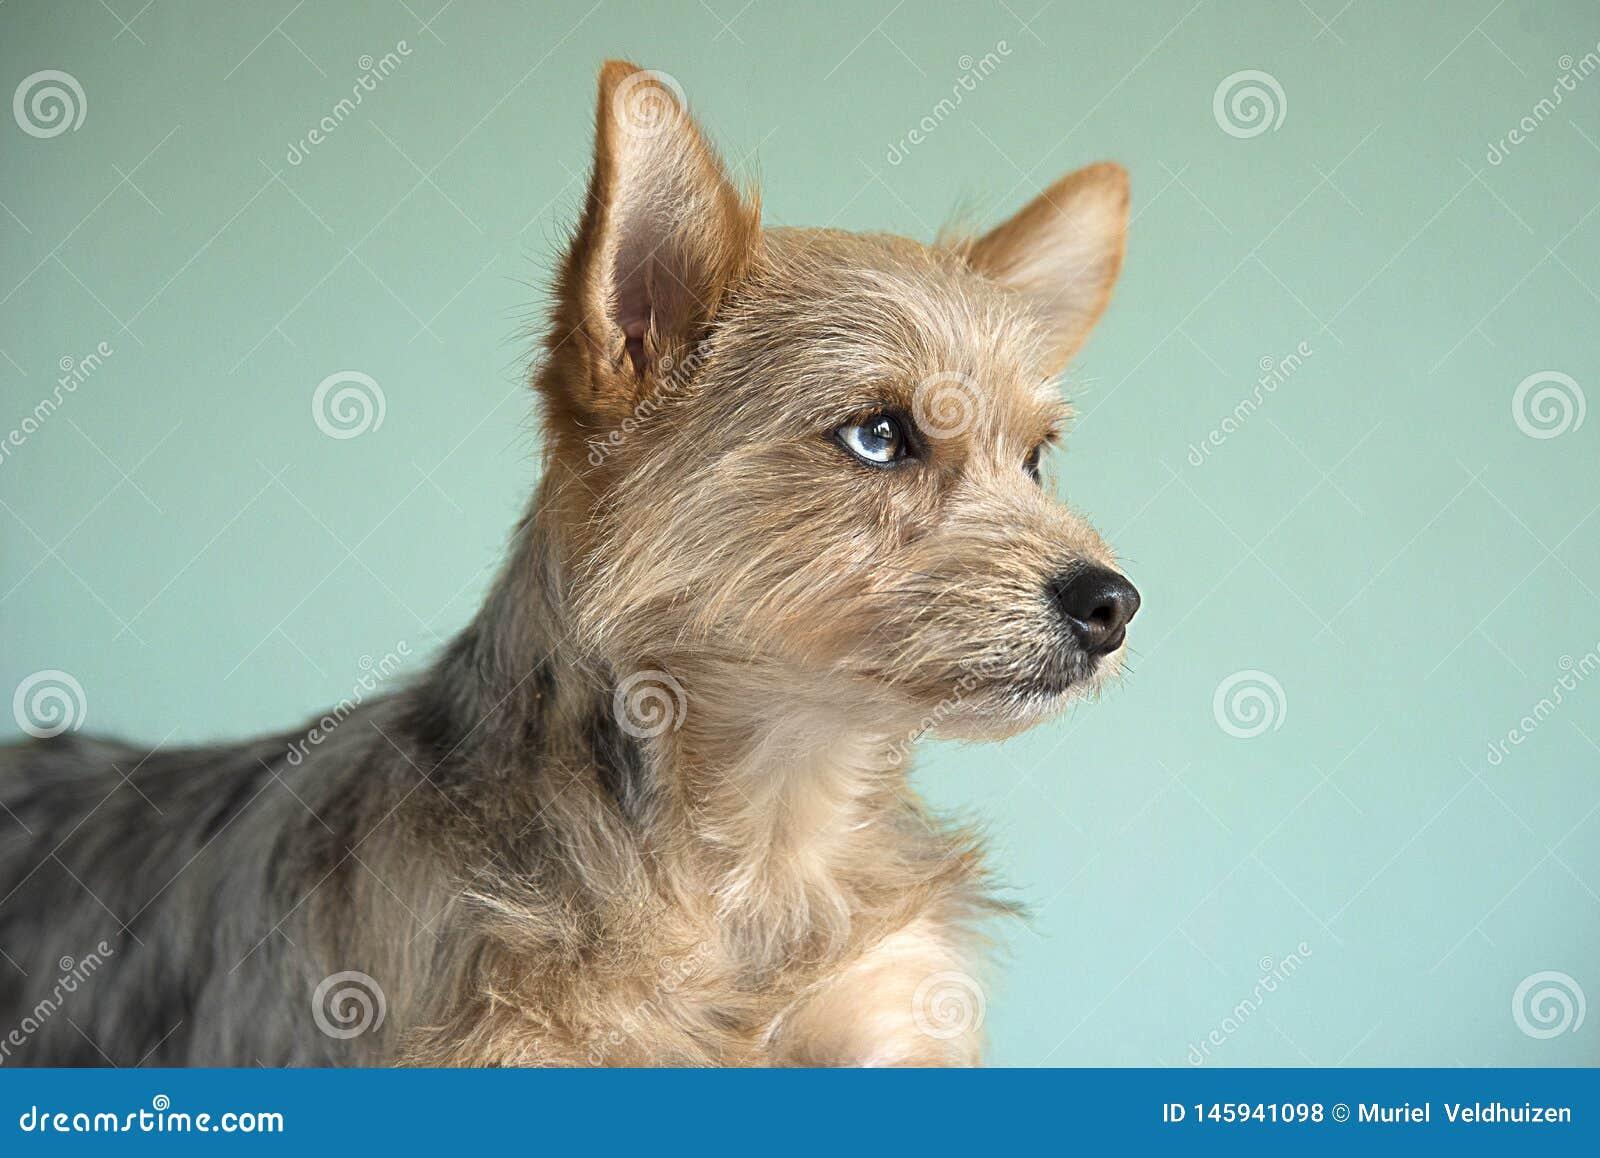 Χαριτωμένο κουτάβι σκυλιών μιγμάτων με ένα μάτι UEBL